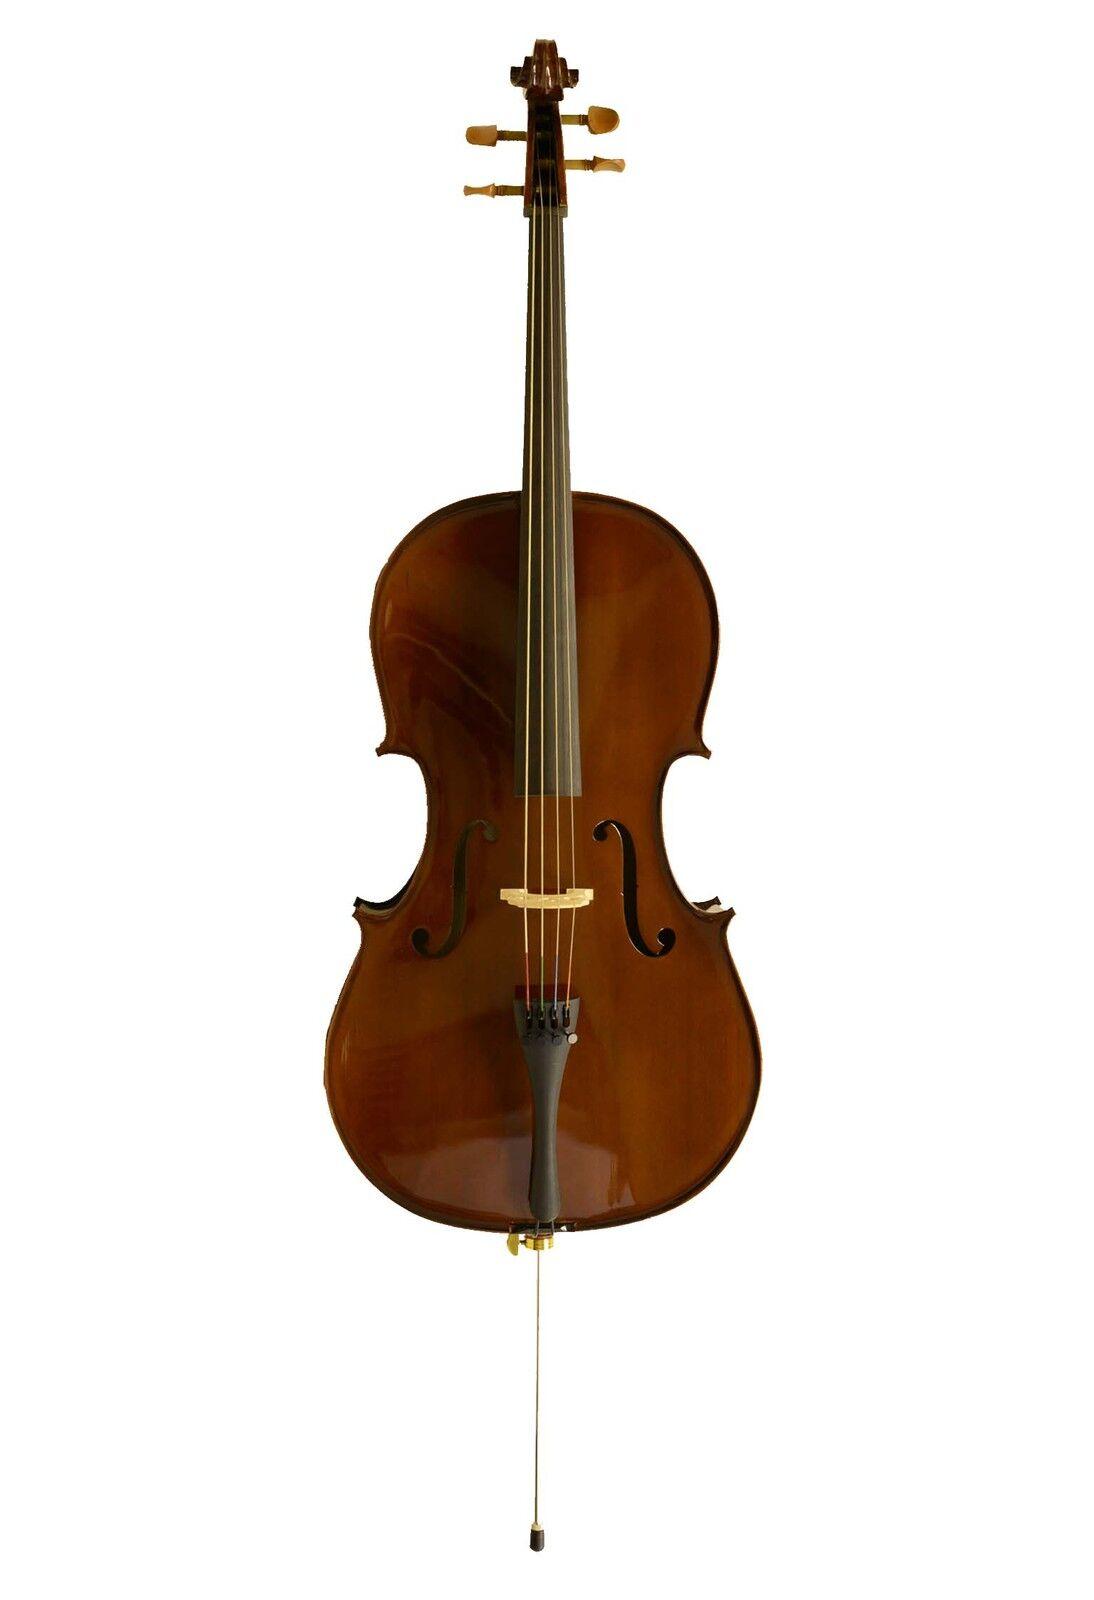 Sinfonie24 Cello-Set Größe 1/2 (Basic II) inkl. Bogen, Tasche + Markensaiten